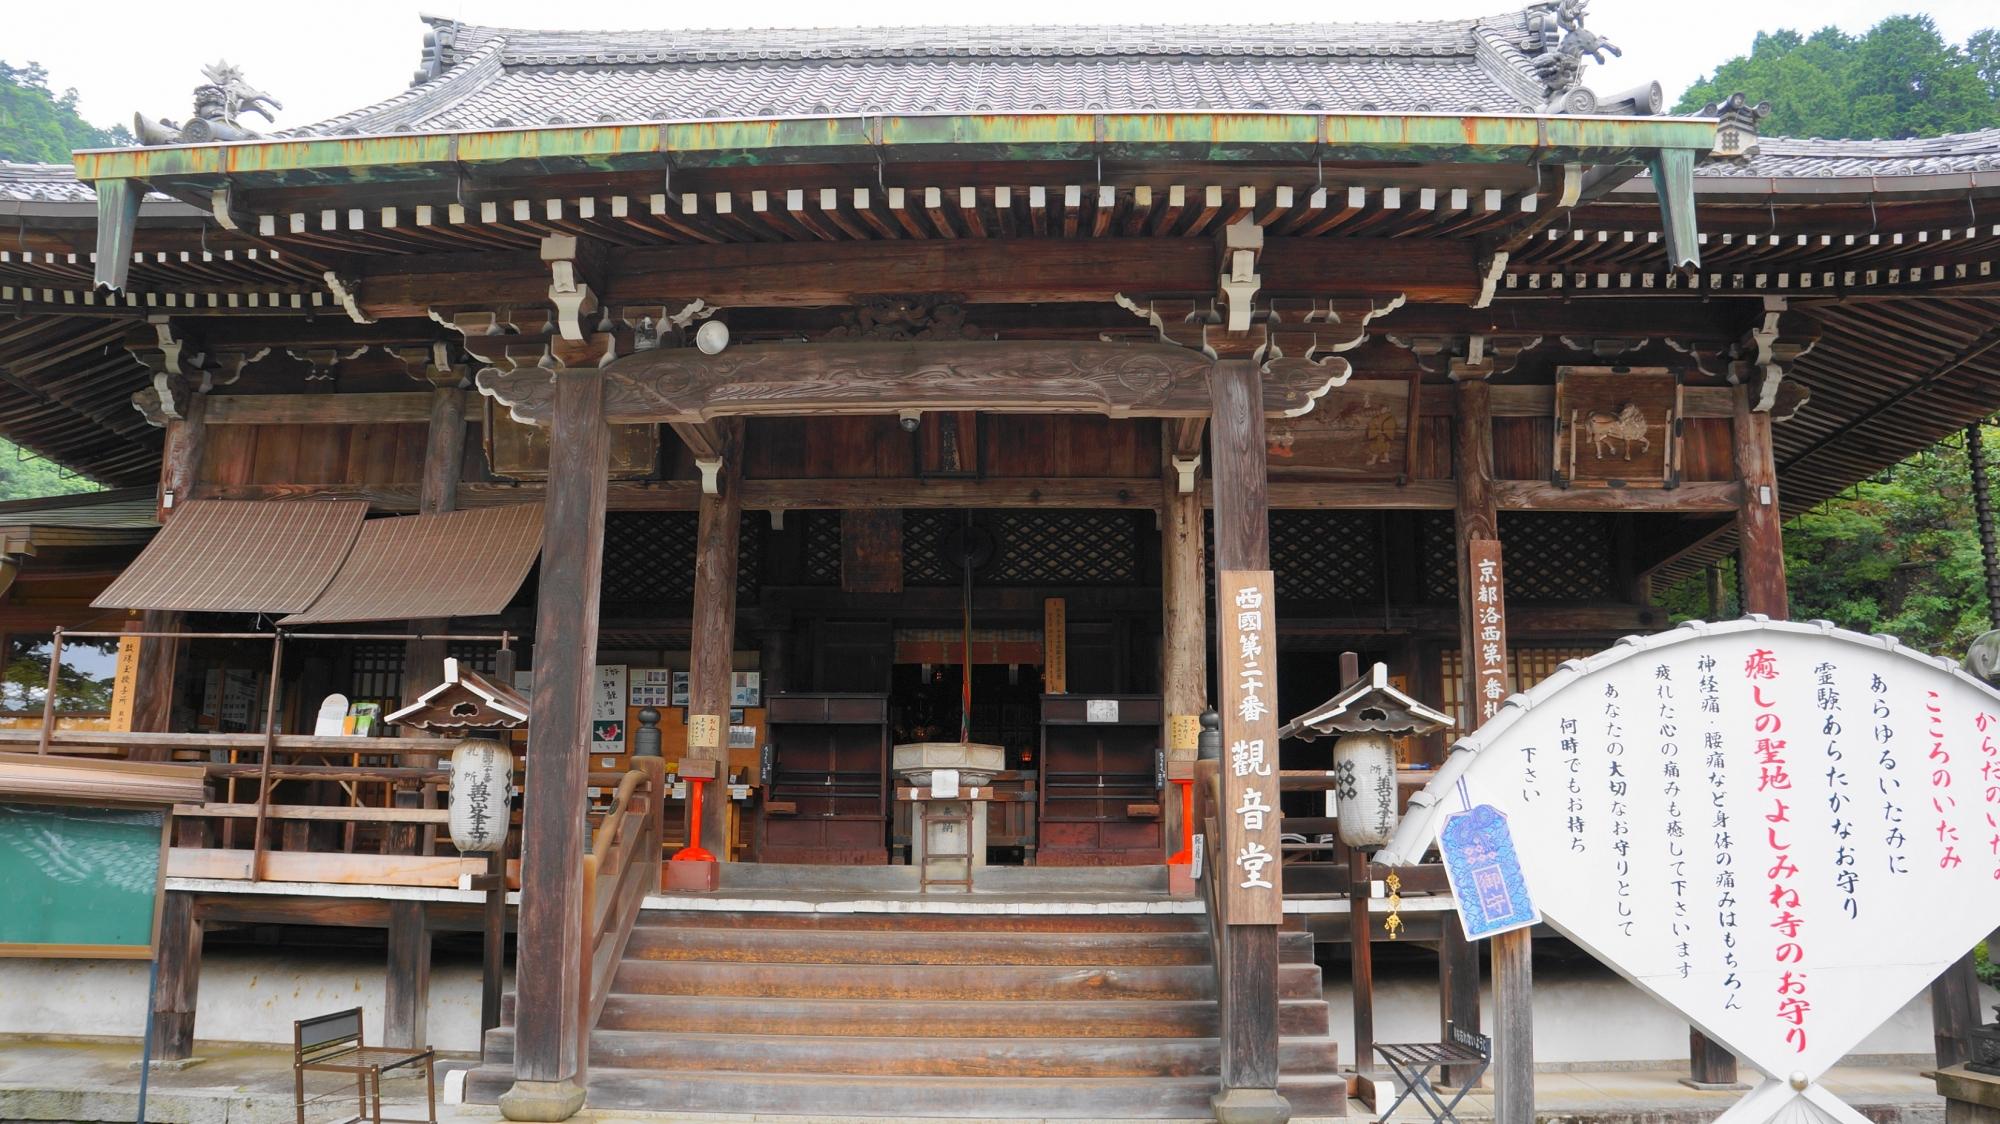 雄大な造りの善峯寺の観音堂(本堂)